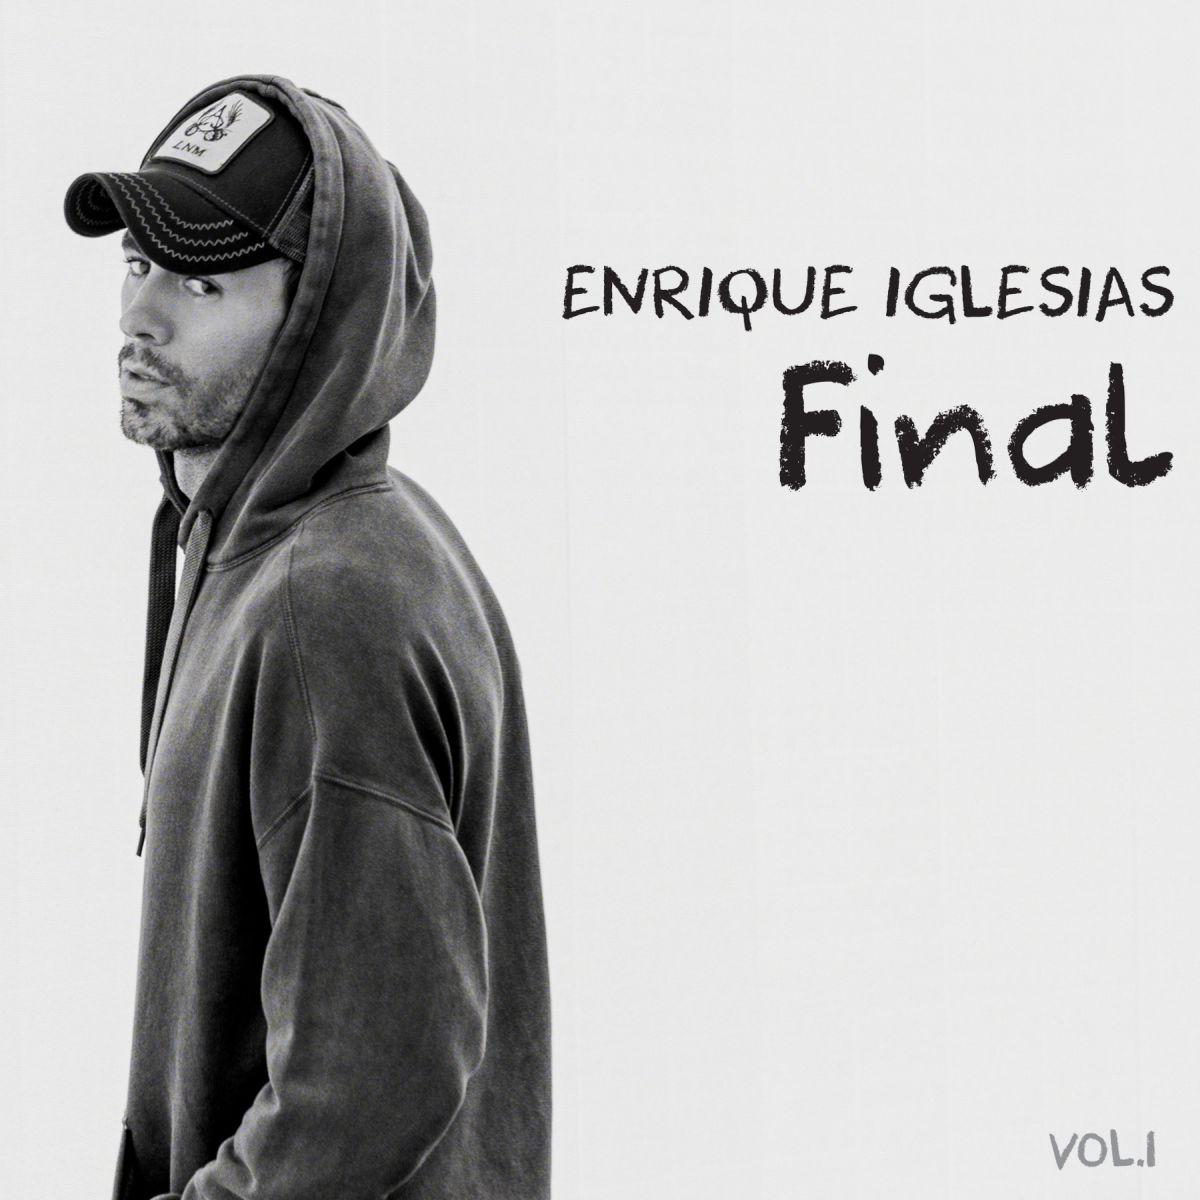 """ENRIQUE IGLESIAS: è uscito oggi """"FINAL VOL. I"""", il nuovo album della superstar latina!"""